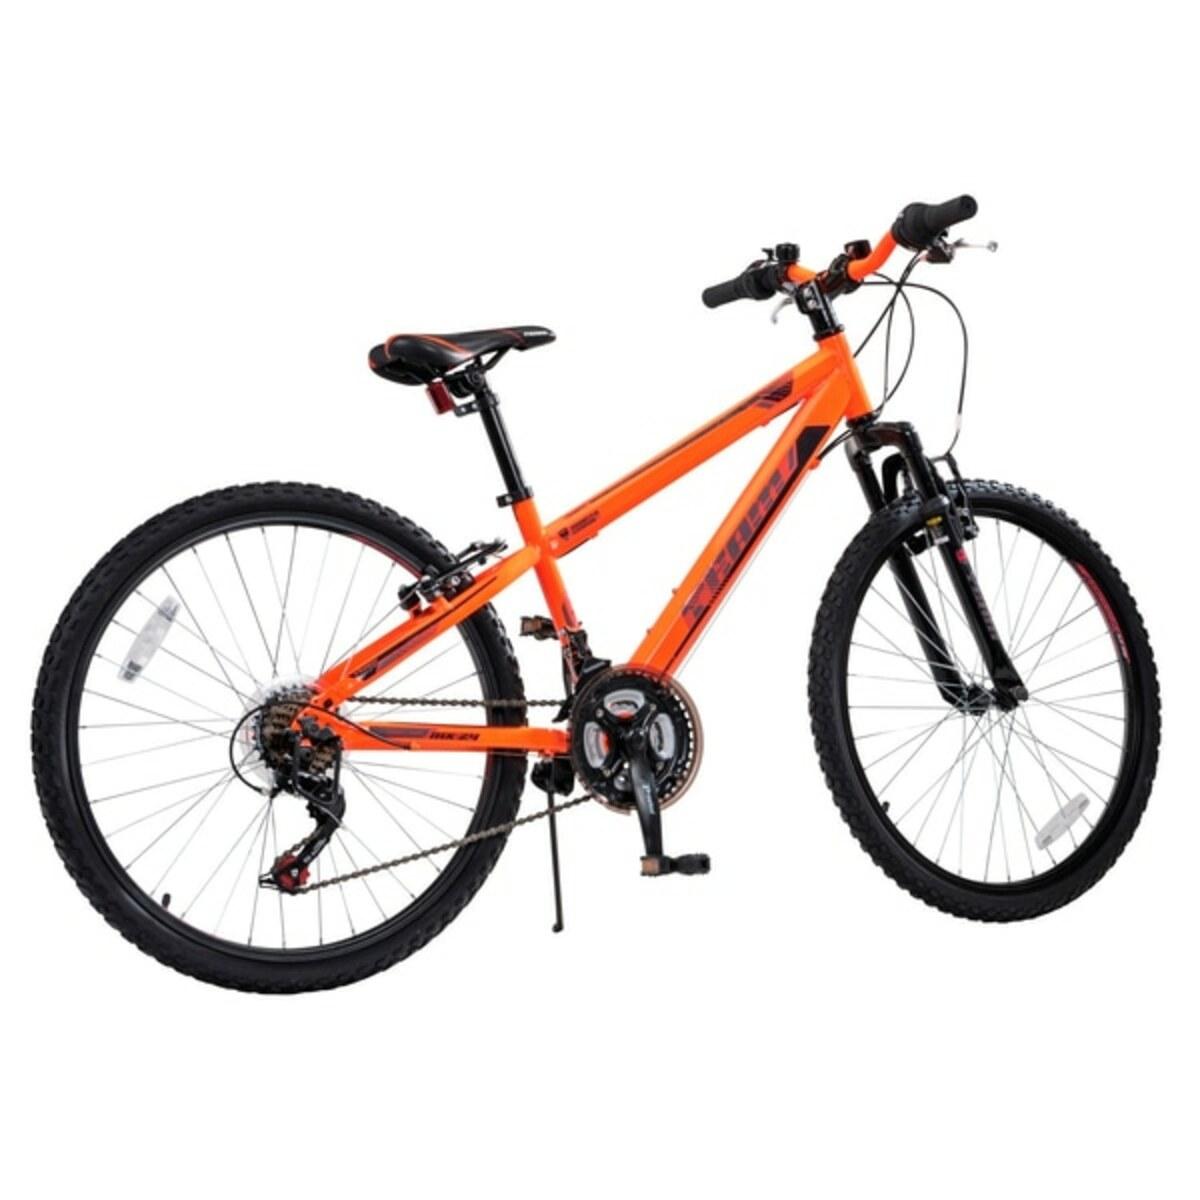 Bild 3 von 20 Zoll Mountainbike X-Team MX-20, orange